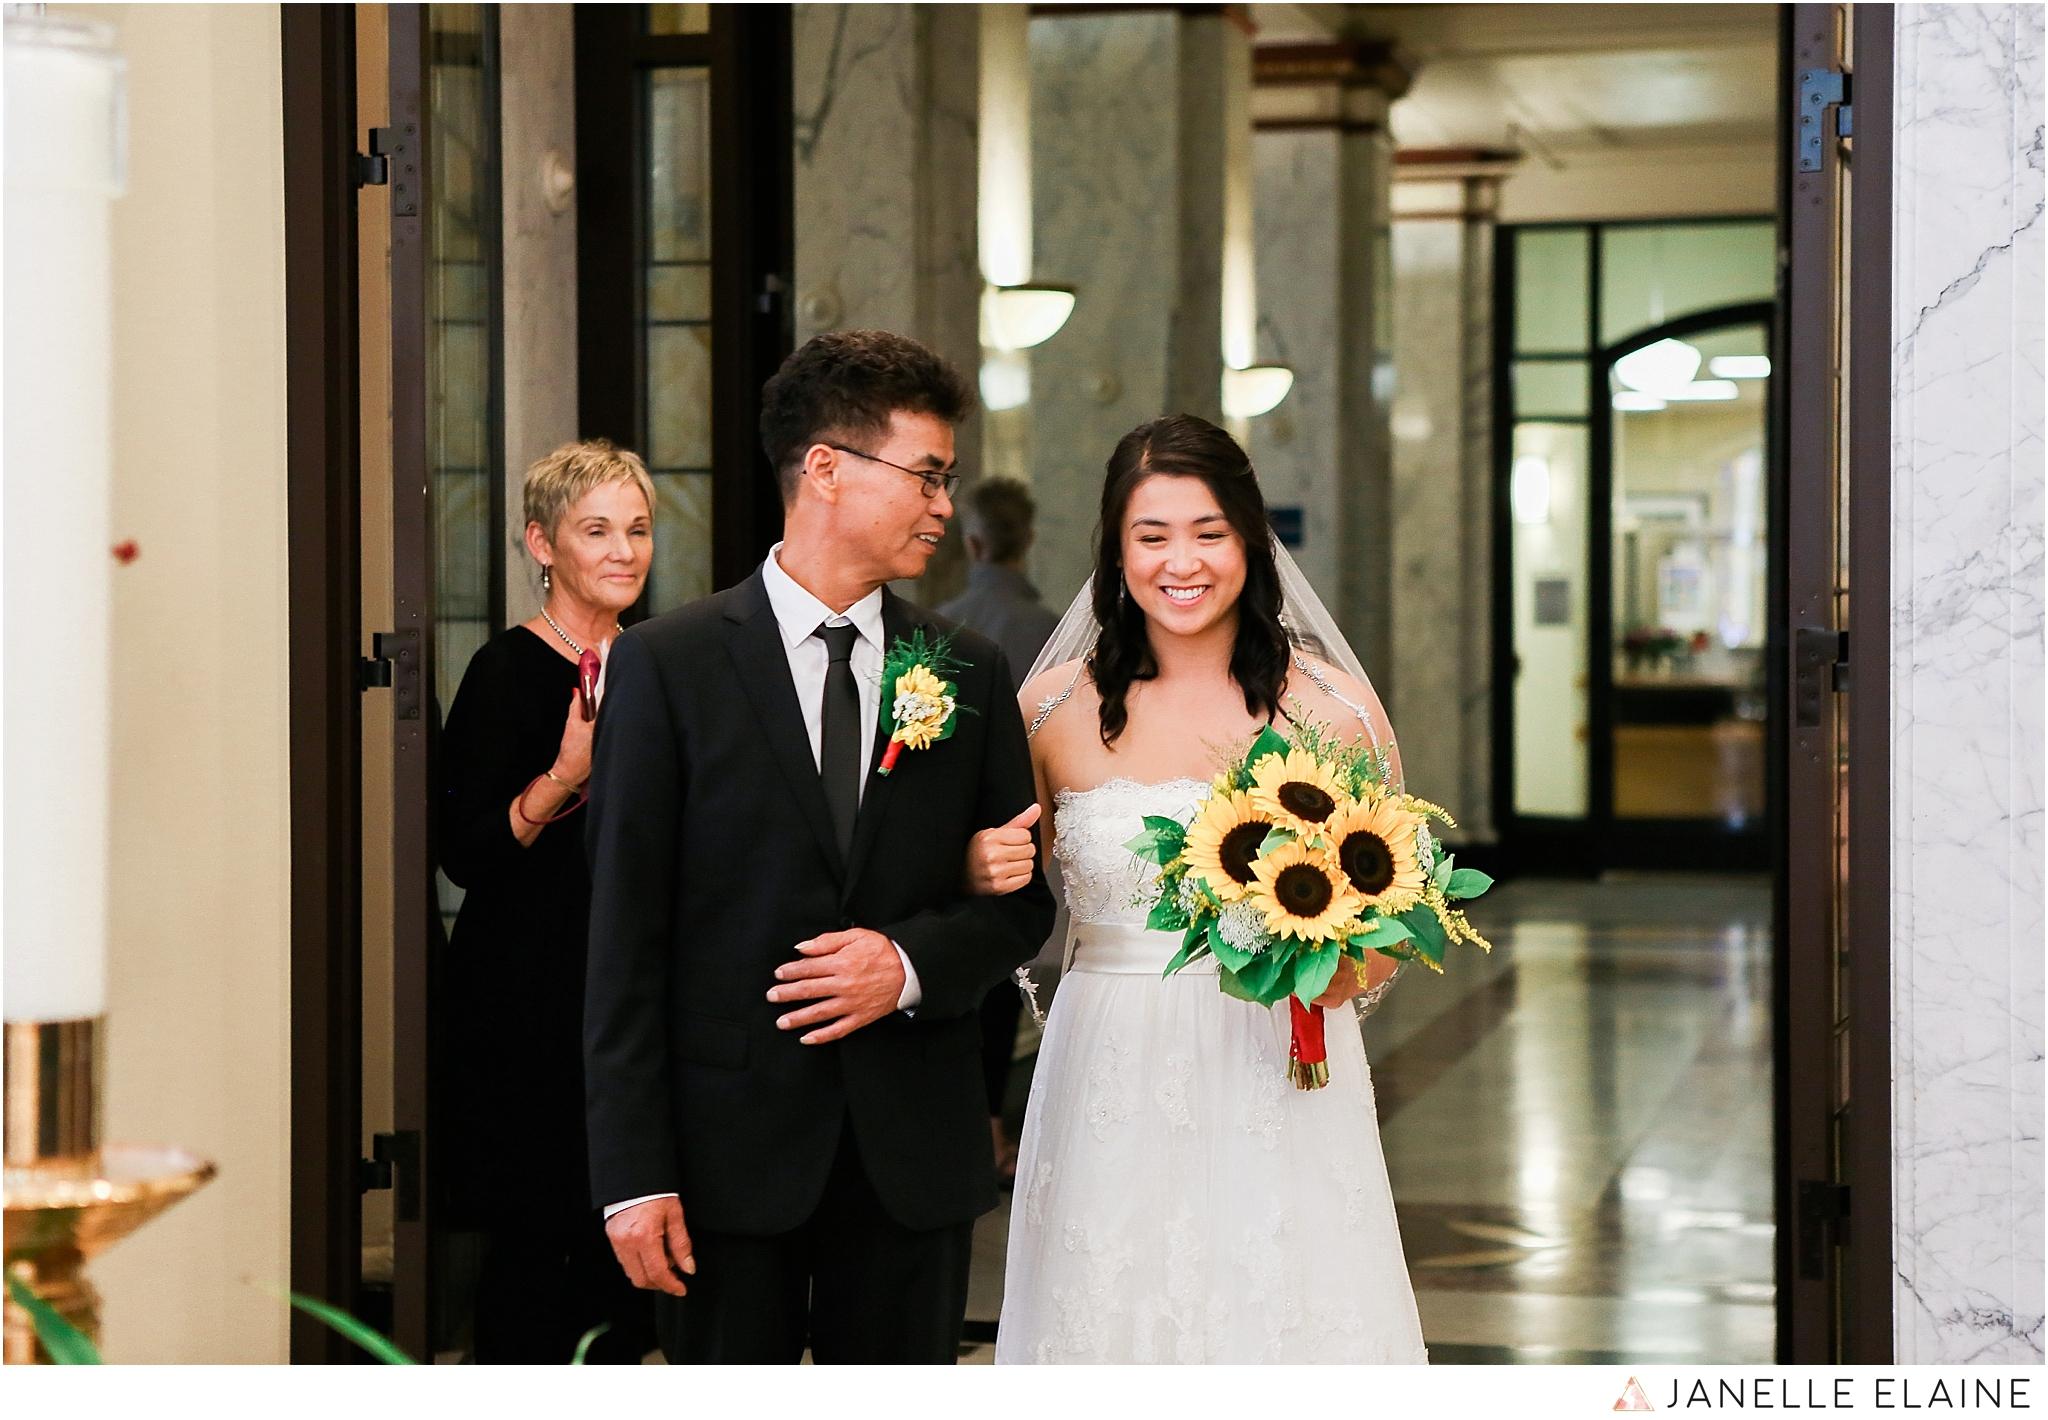 janelle elaine photography-professional wedding photographer seattle--41.jpg